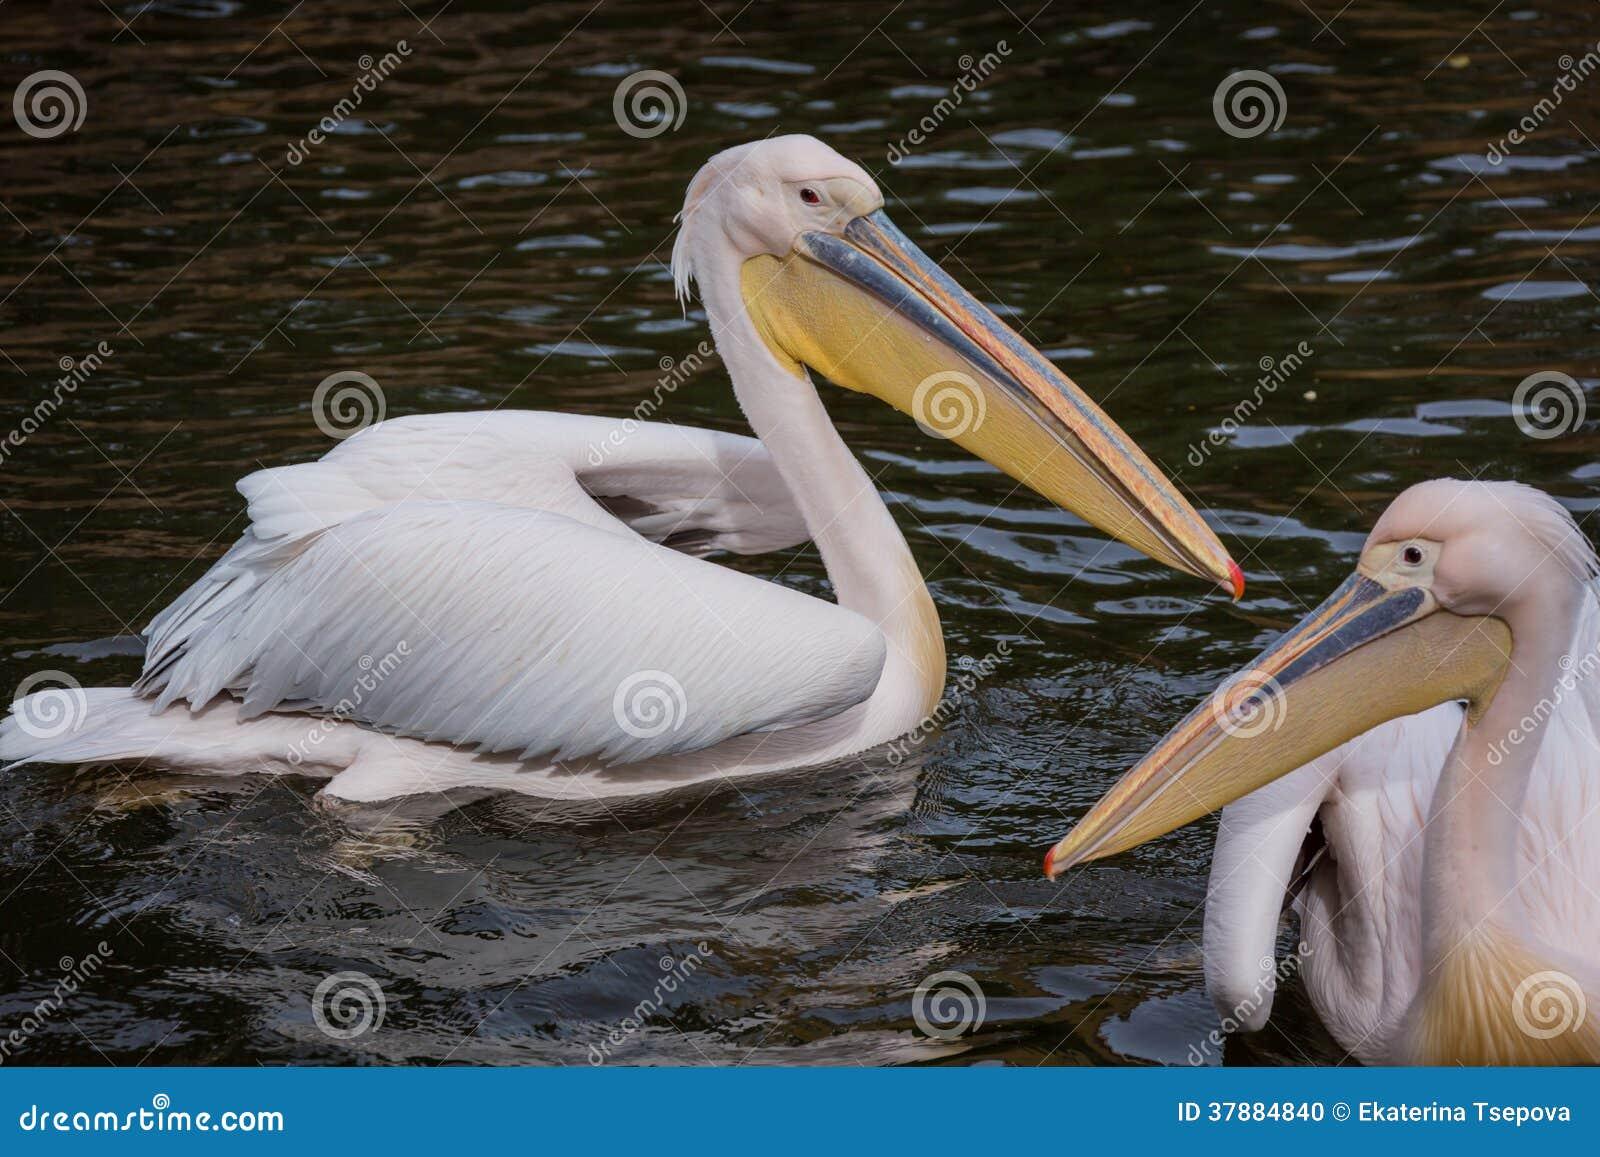 Pelikanen in water